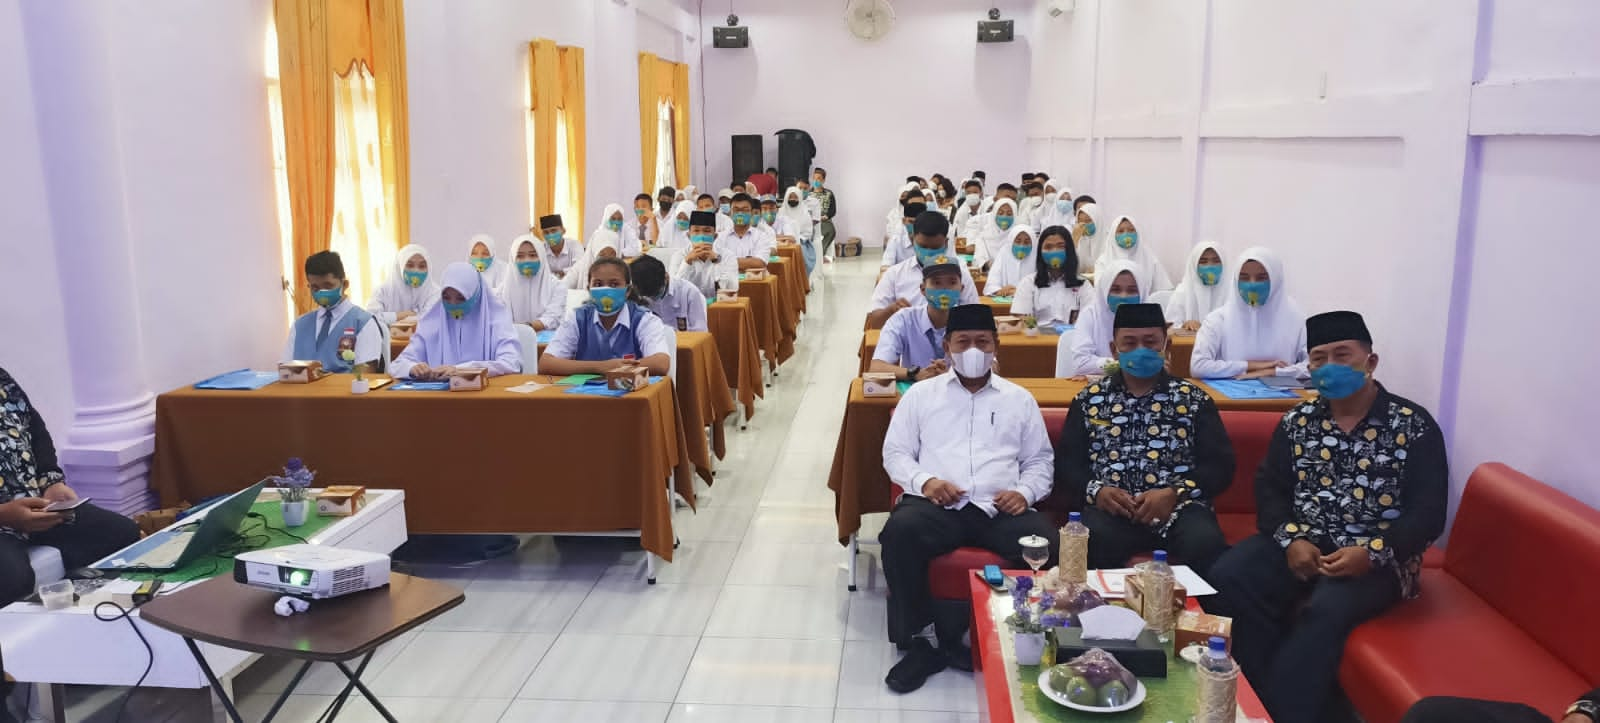 Plt Walikota Buka Sosialisasi Kerukunan Umat Beragama Bagi Siswa-Siswa SMA Se Kota Tanjungbalai